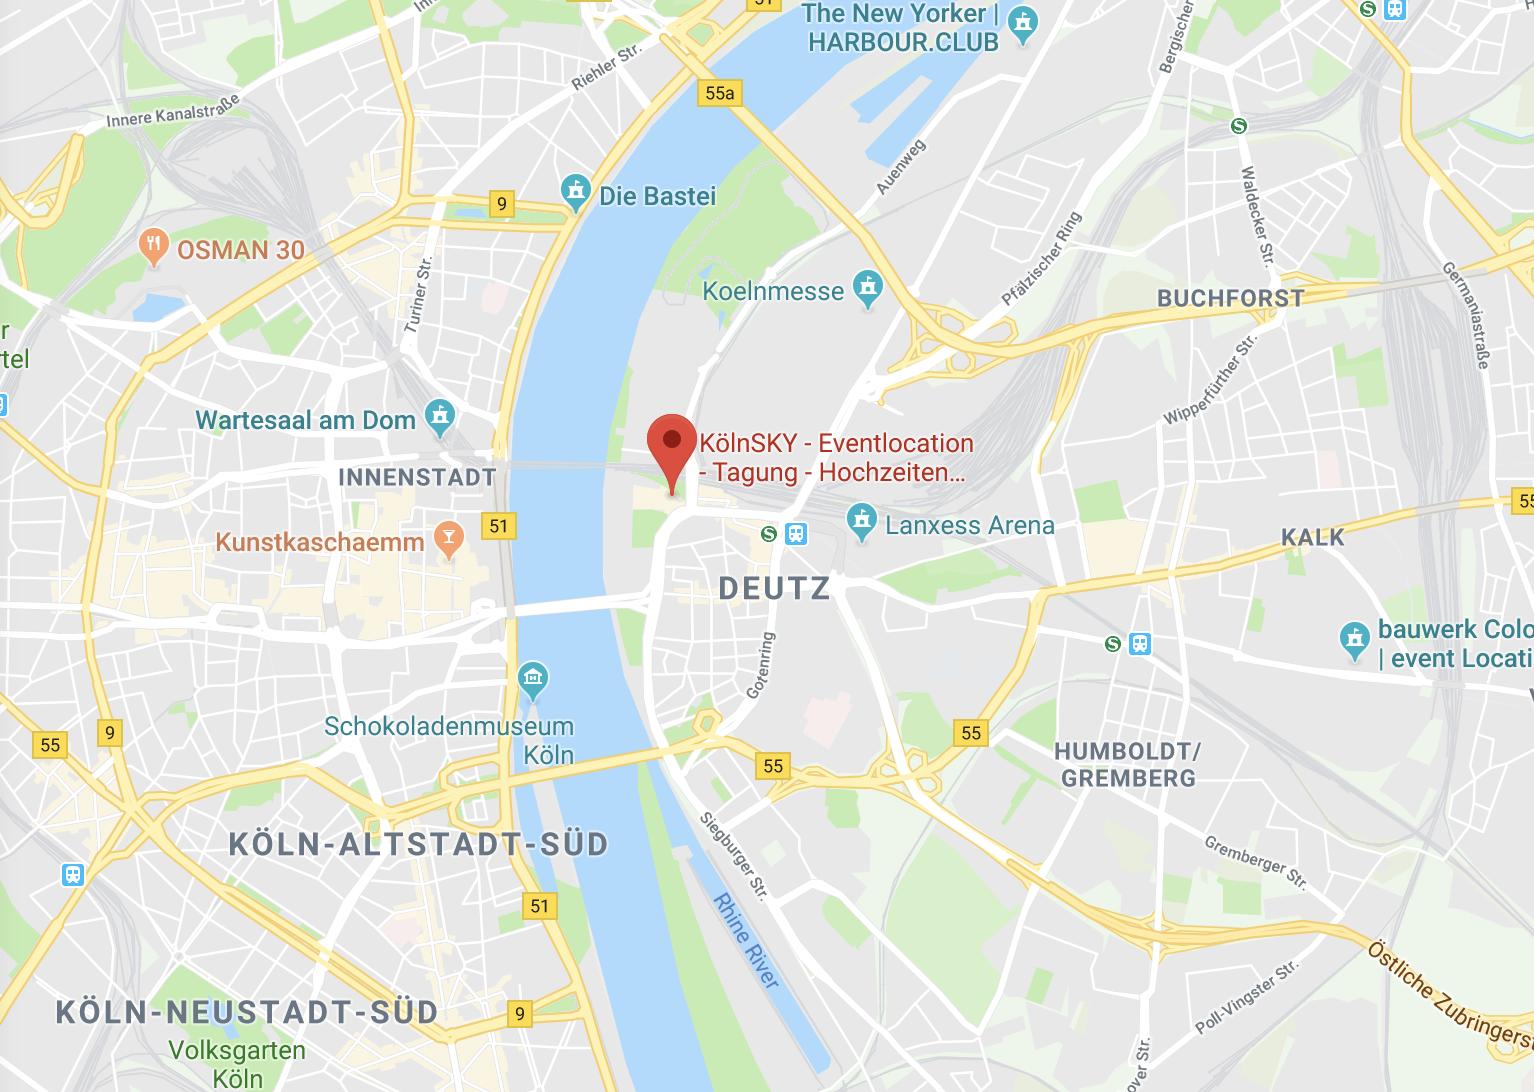 KölnSKY